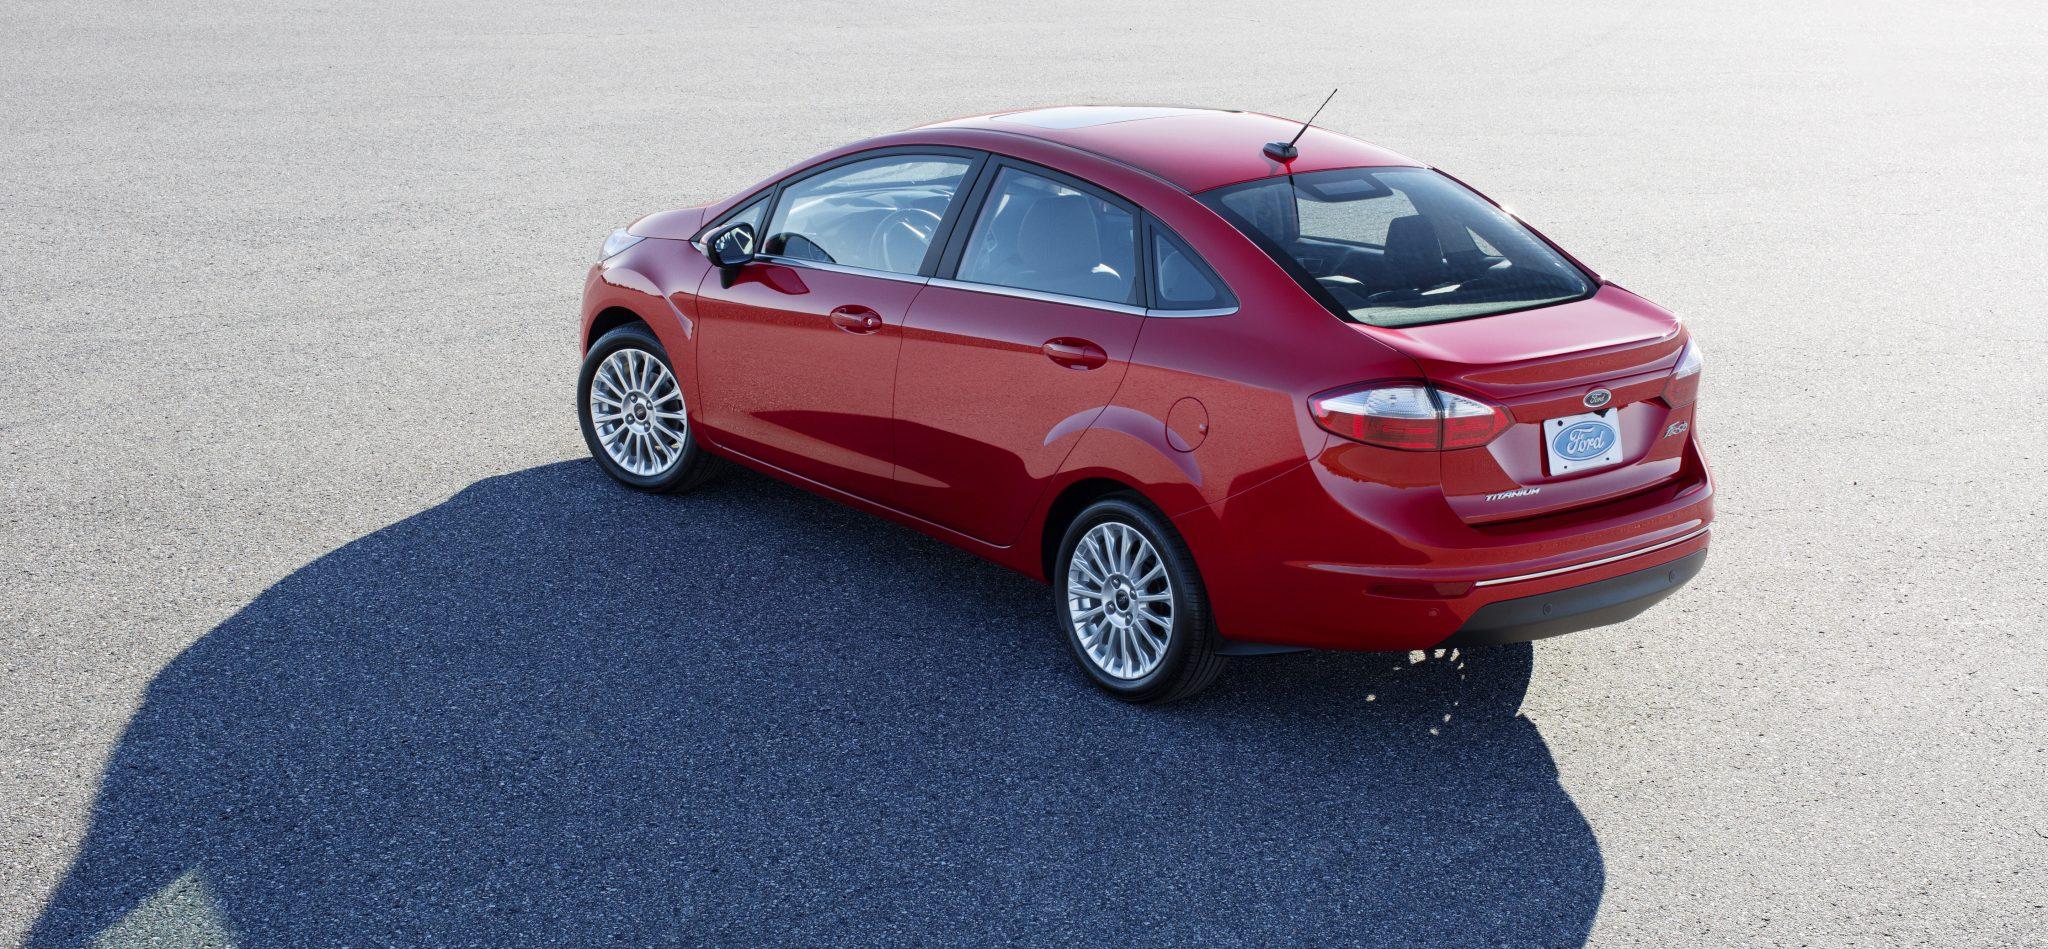 Most Fuel-Efficient Ford Models